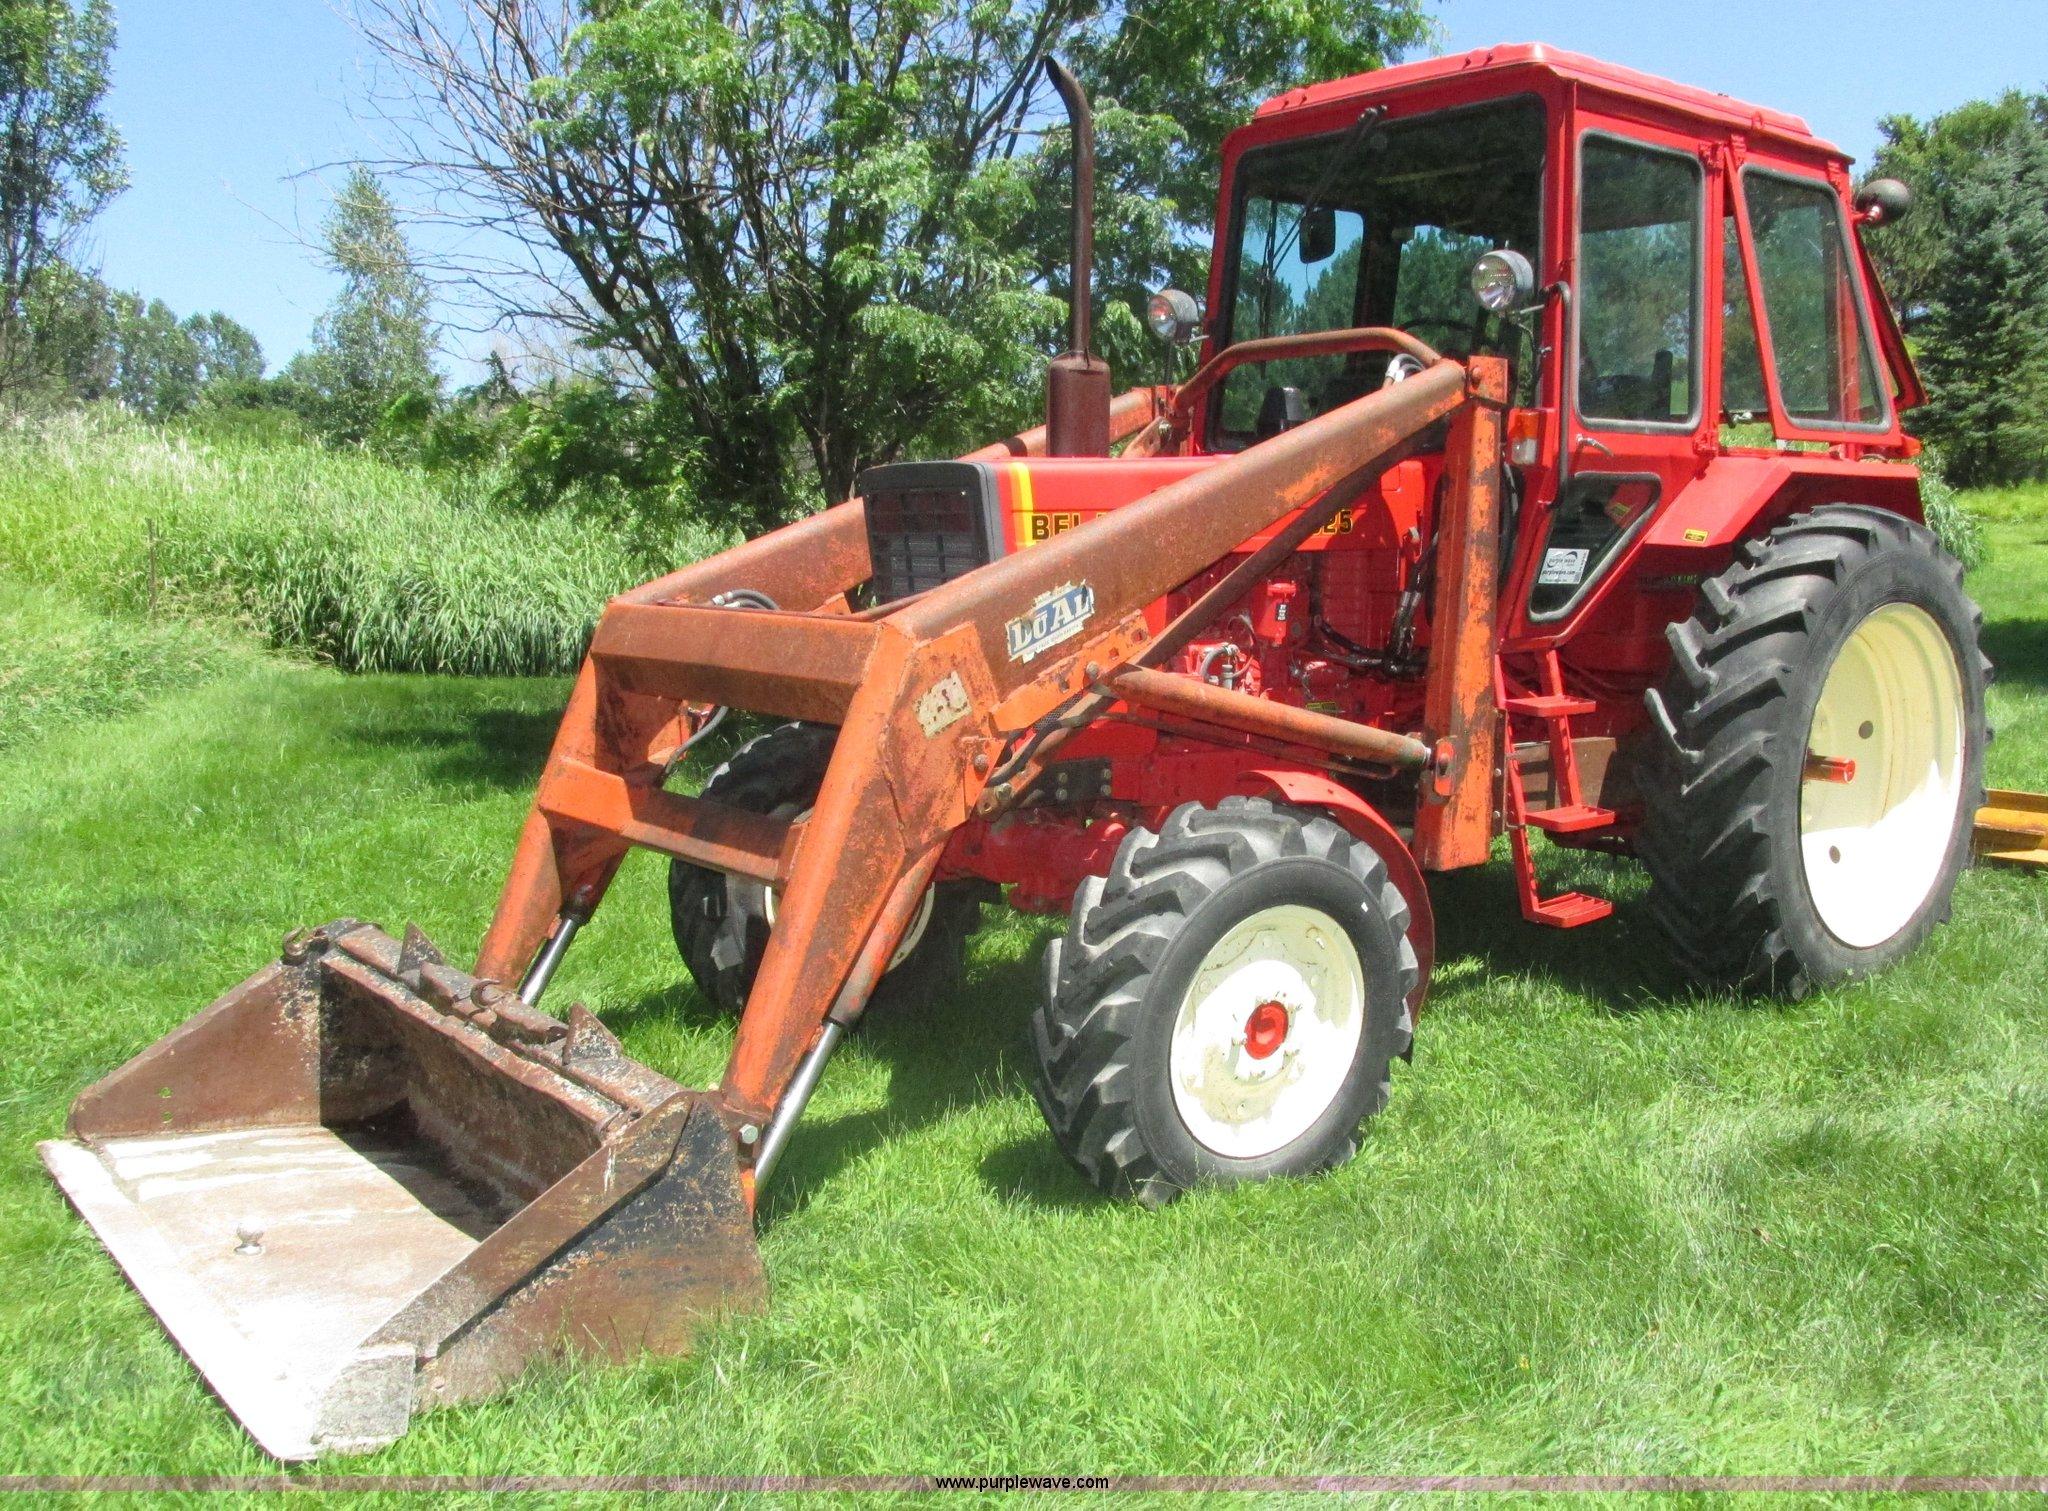 825 Belarus Tractor Wiring Diagram Trusted Schematics Steiger